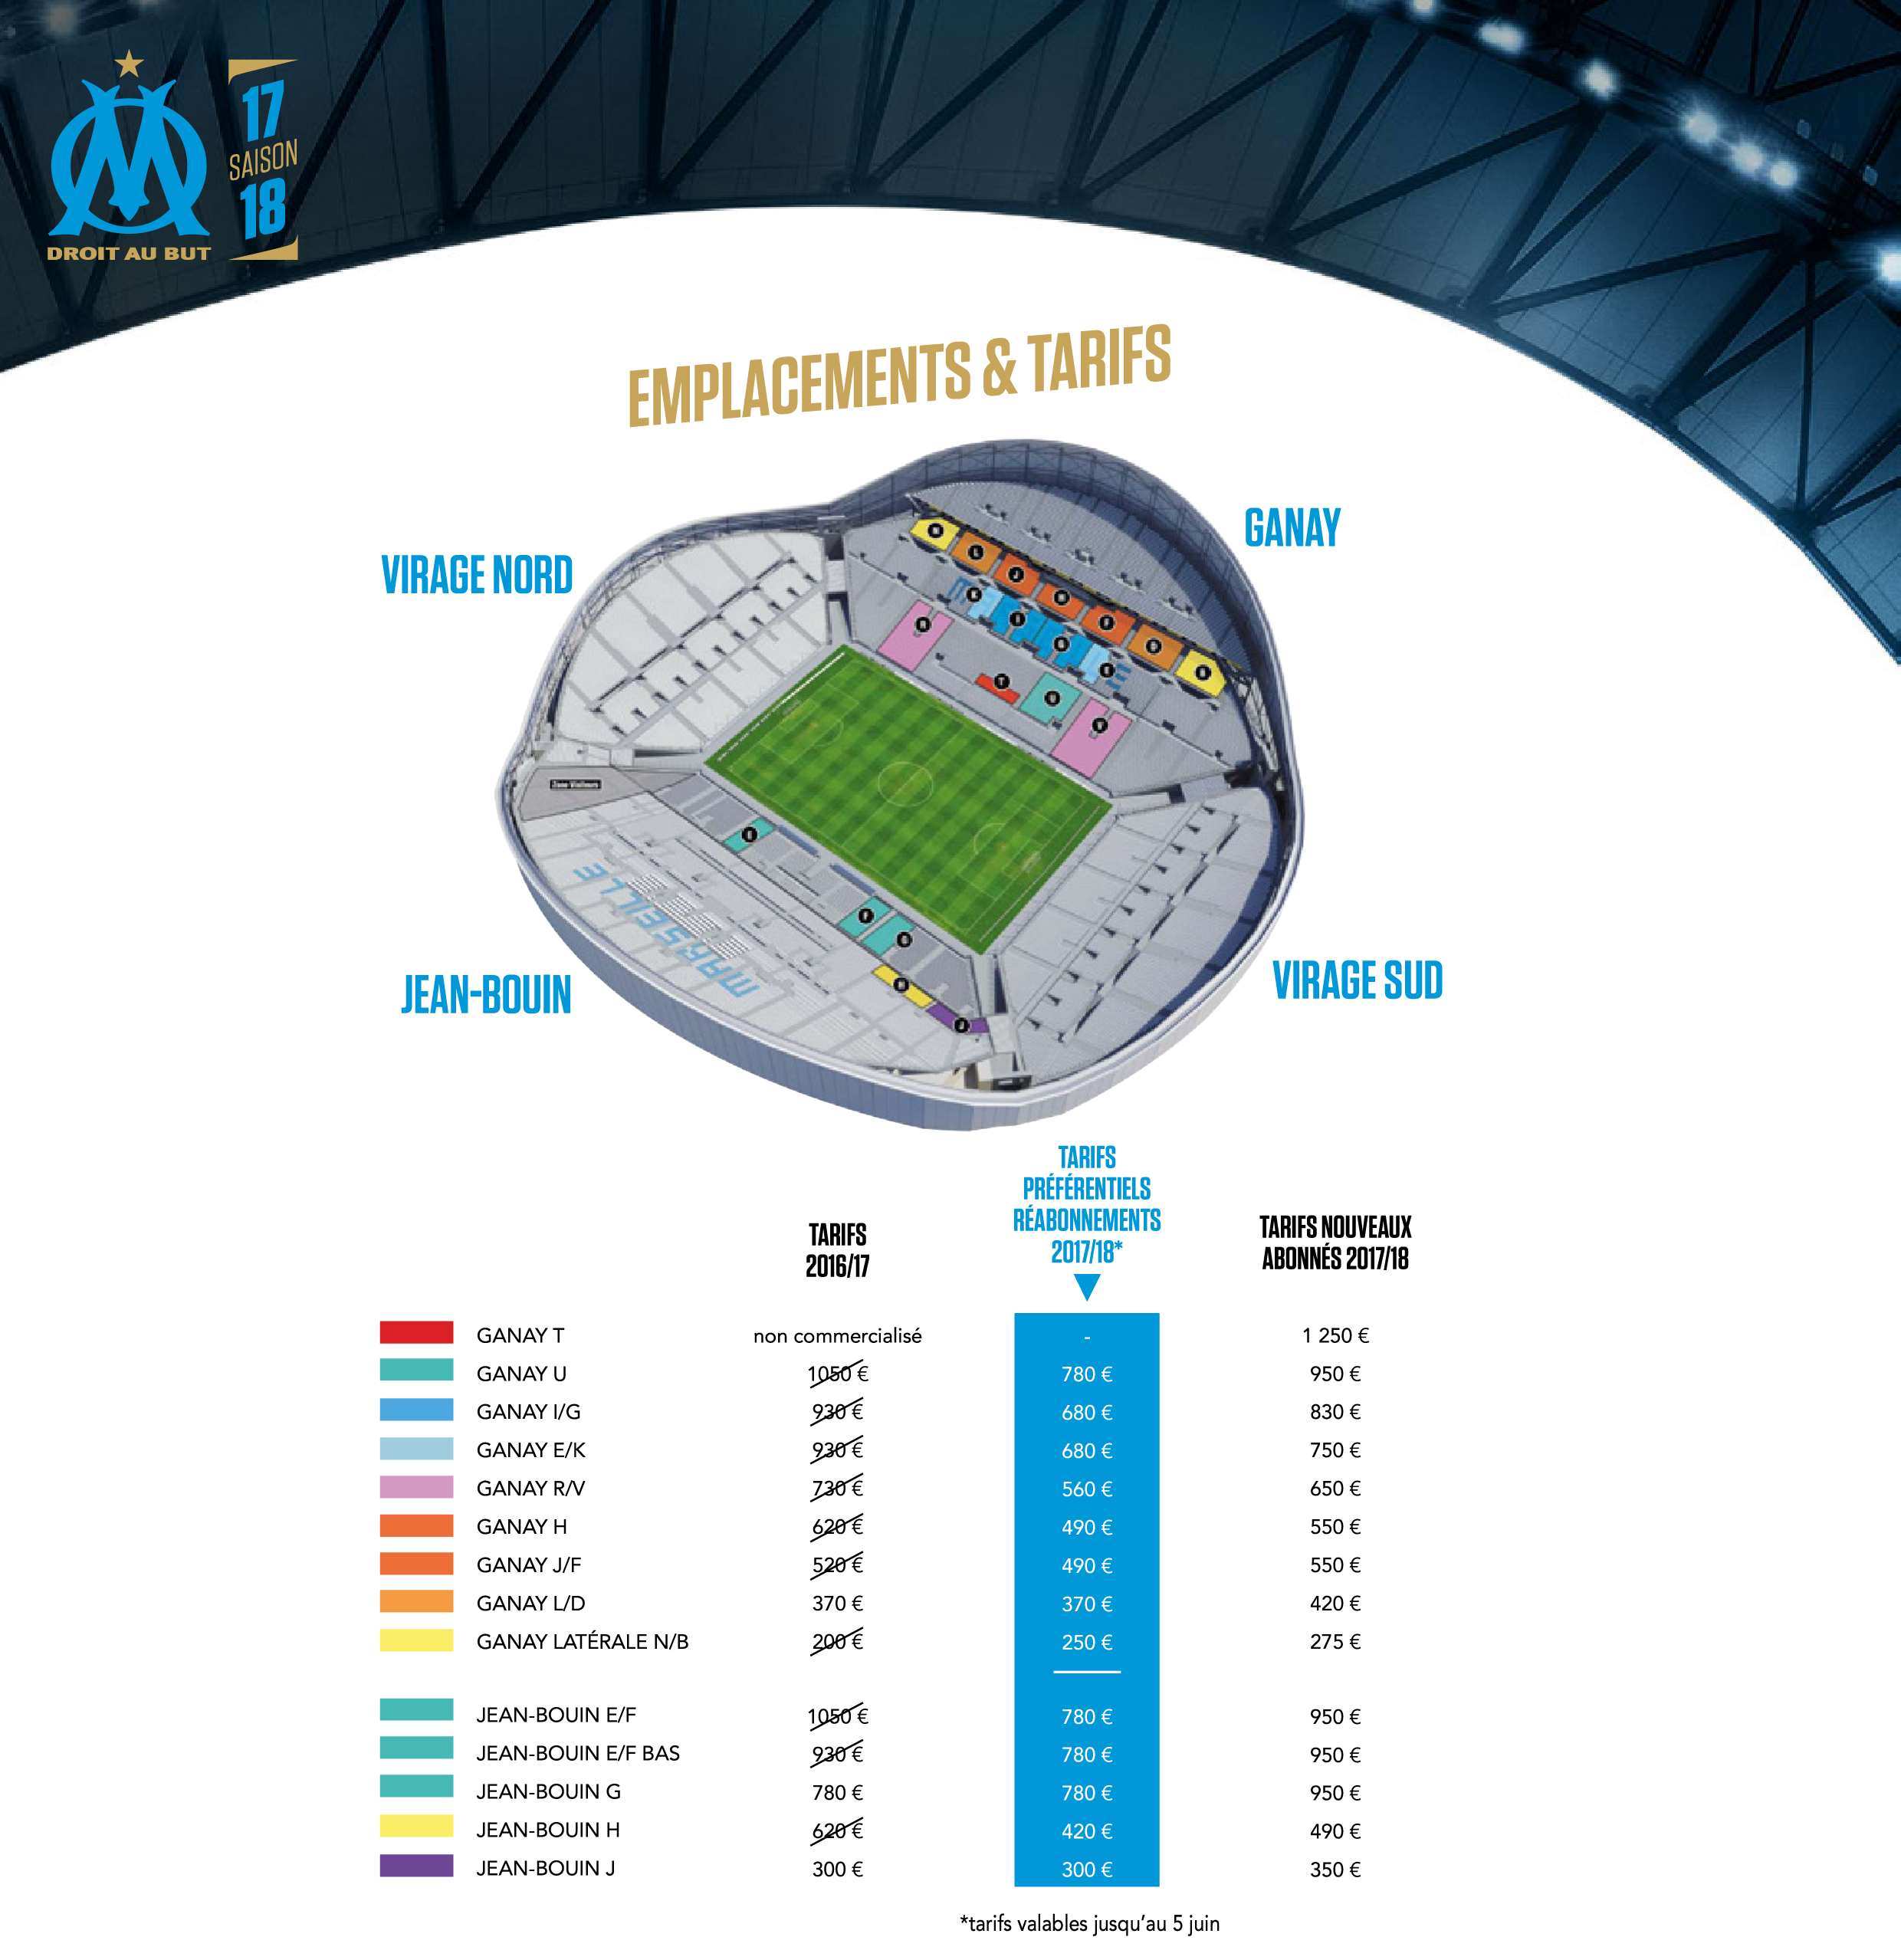 Ligue 1 Les Tarifs Des Abonnements Grand Public De L